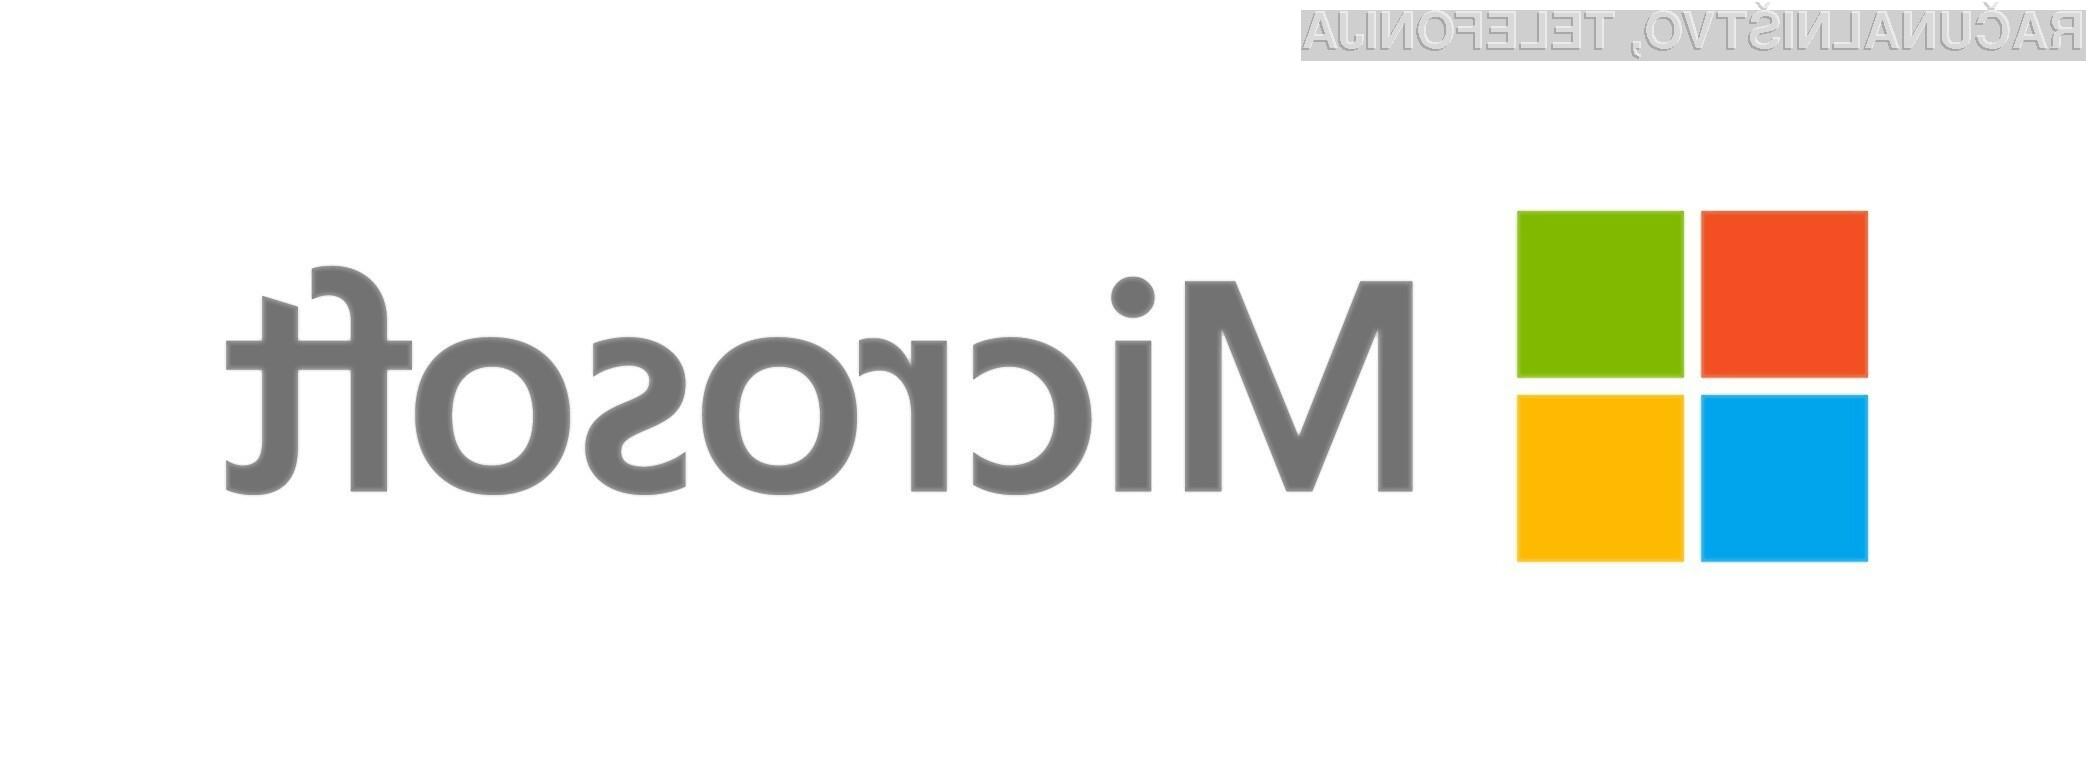 Oblačna storitev Microsoft OneClip bo močno poenostavila kopiranje vsebin med različnimi napravami!